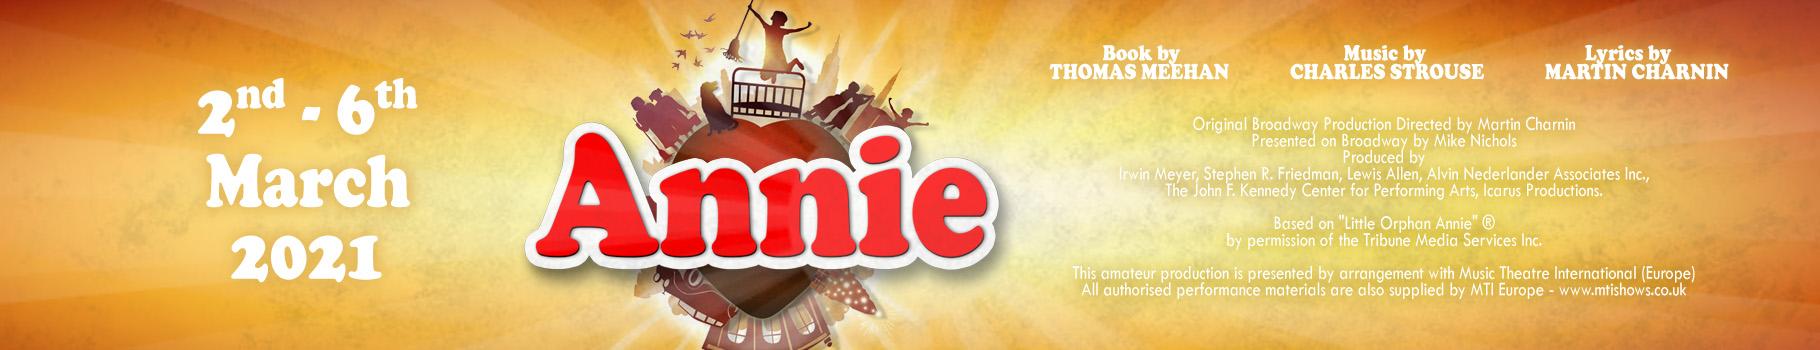 20-09 Annie LAOS Web Banner2